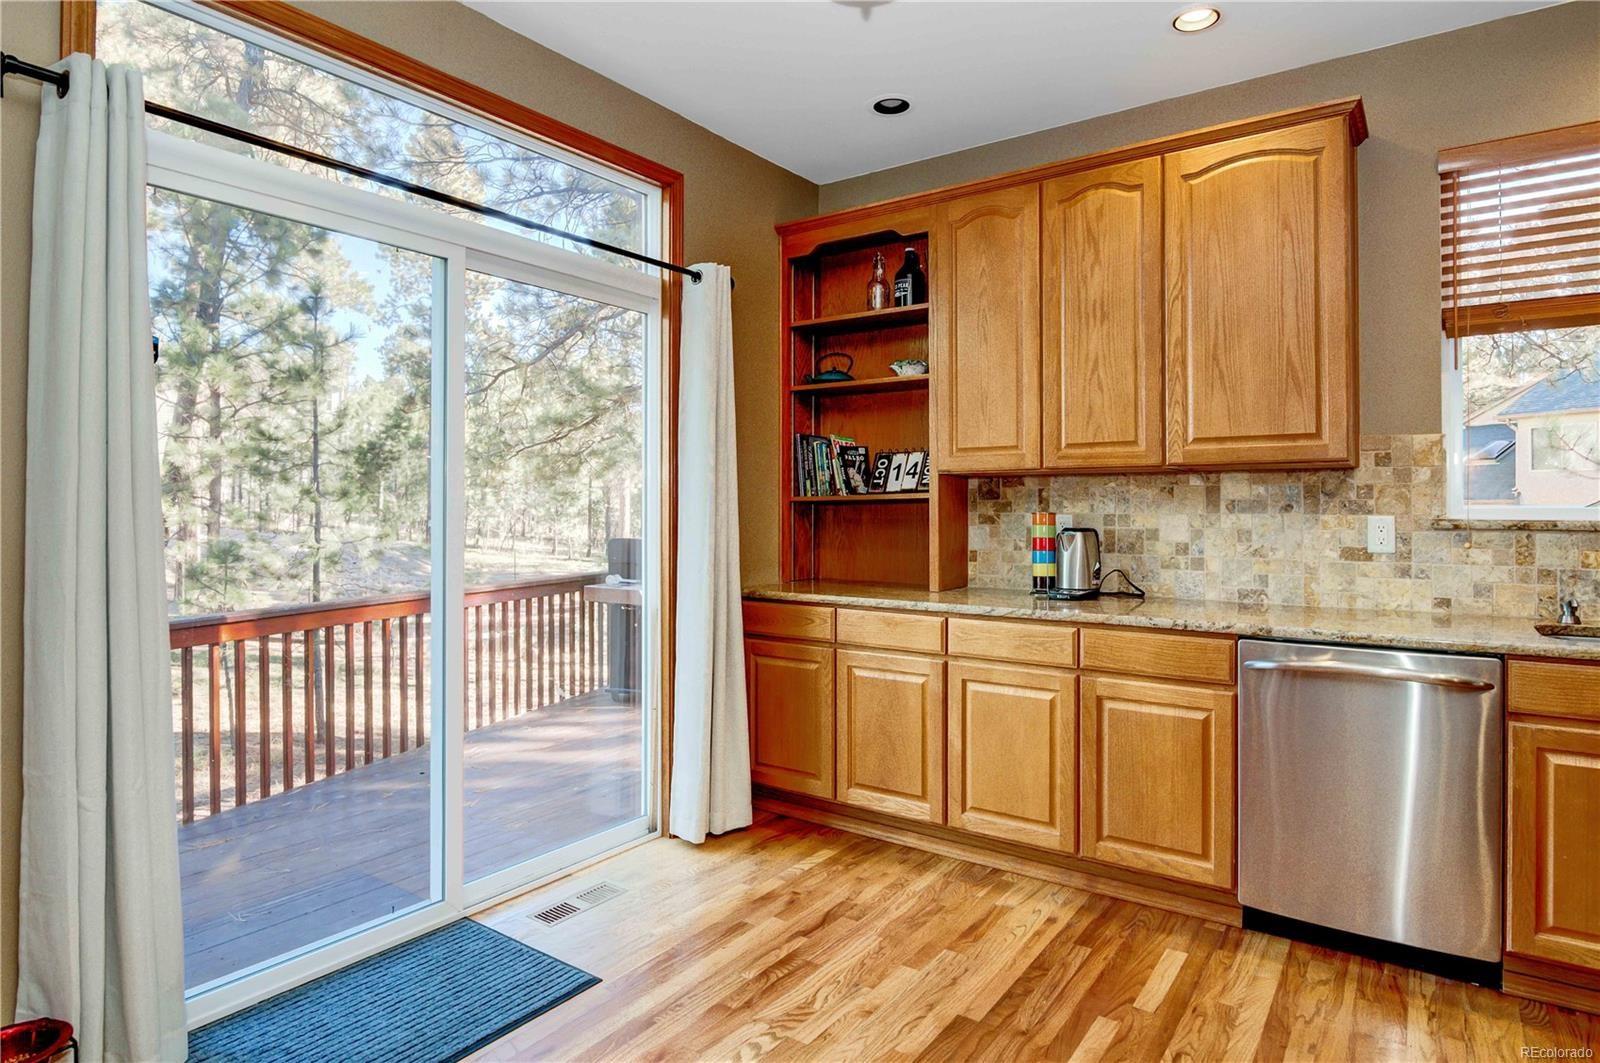 MLS# 5456451 - 6 - 15971 Woodmeadow Court, Colorado Springs, CO 80921